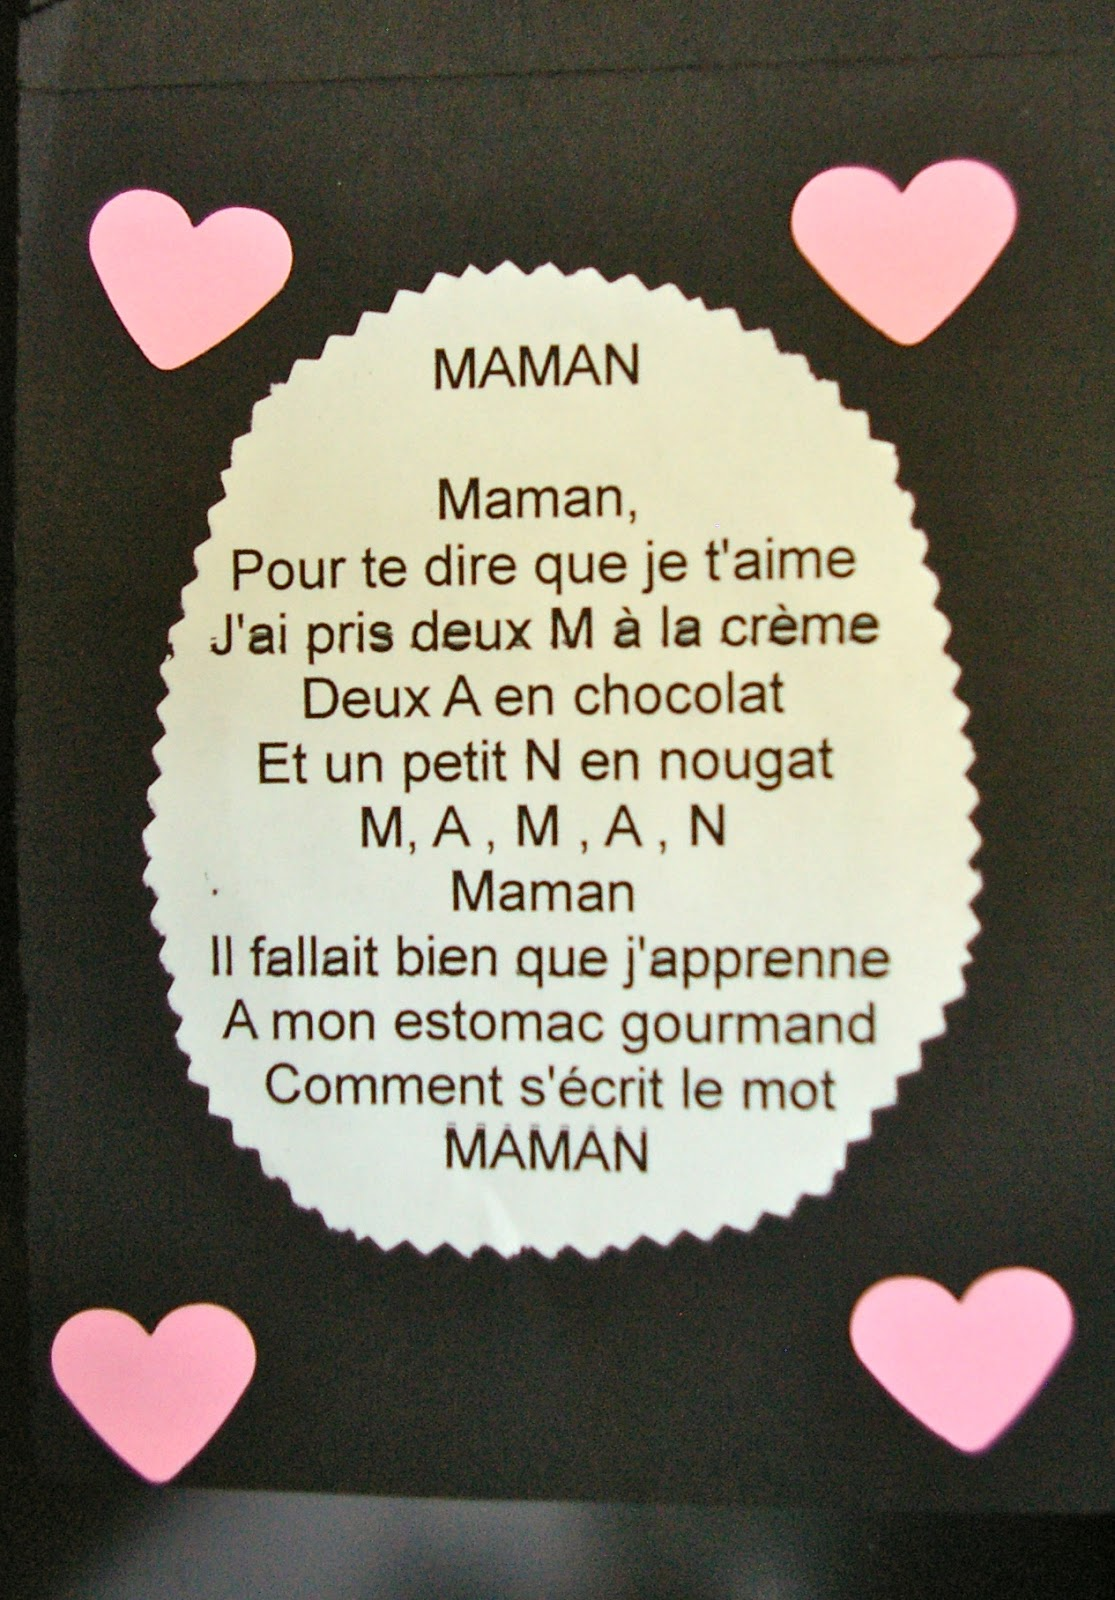 Proverbe Damour Pour Sa Maman Message Danniversaire Pour